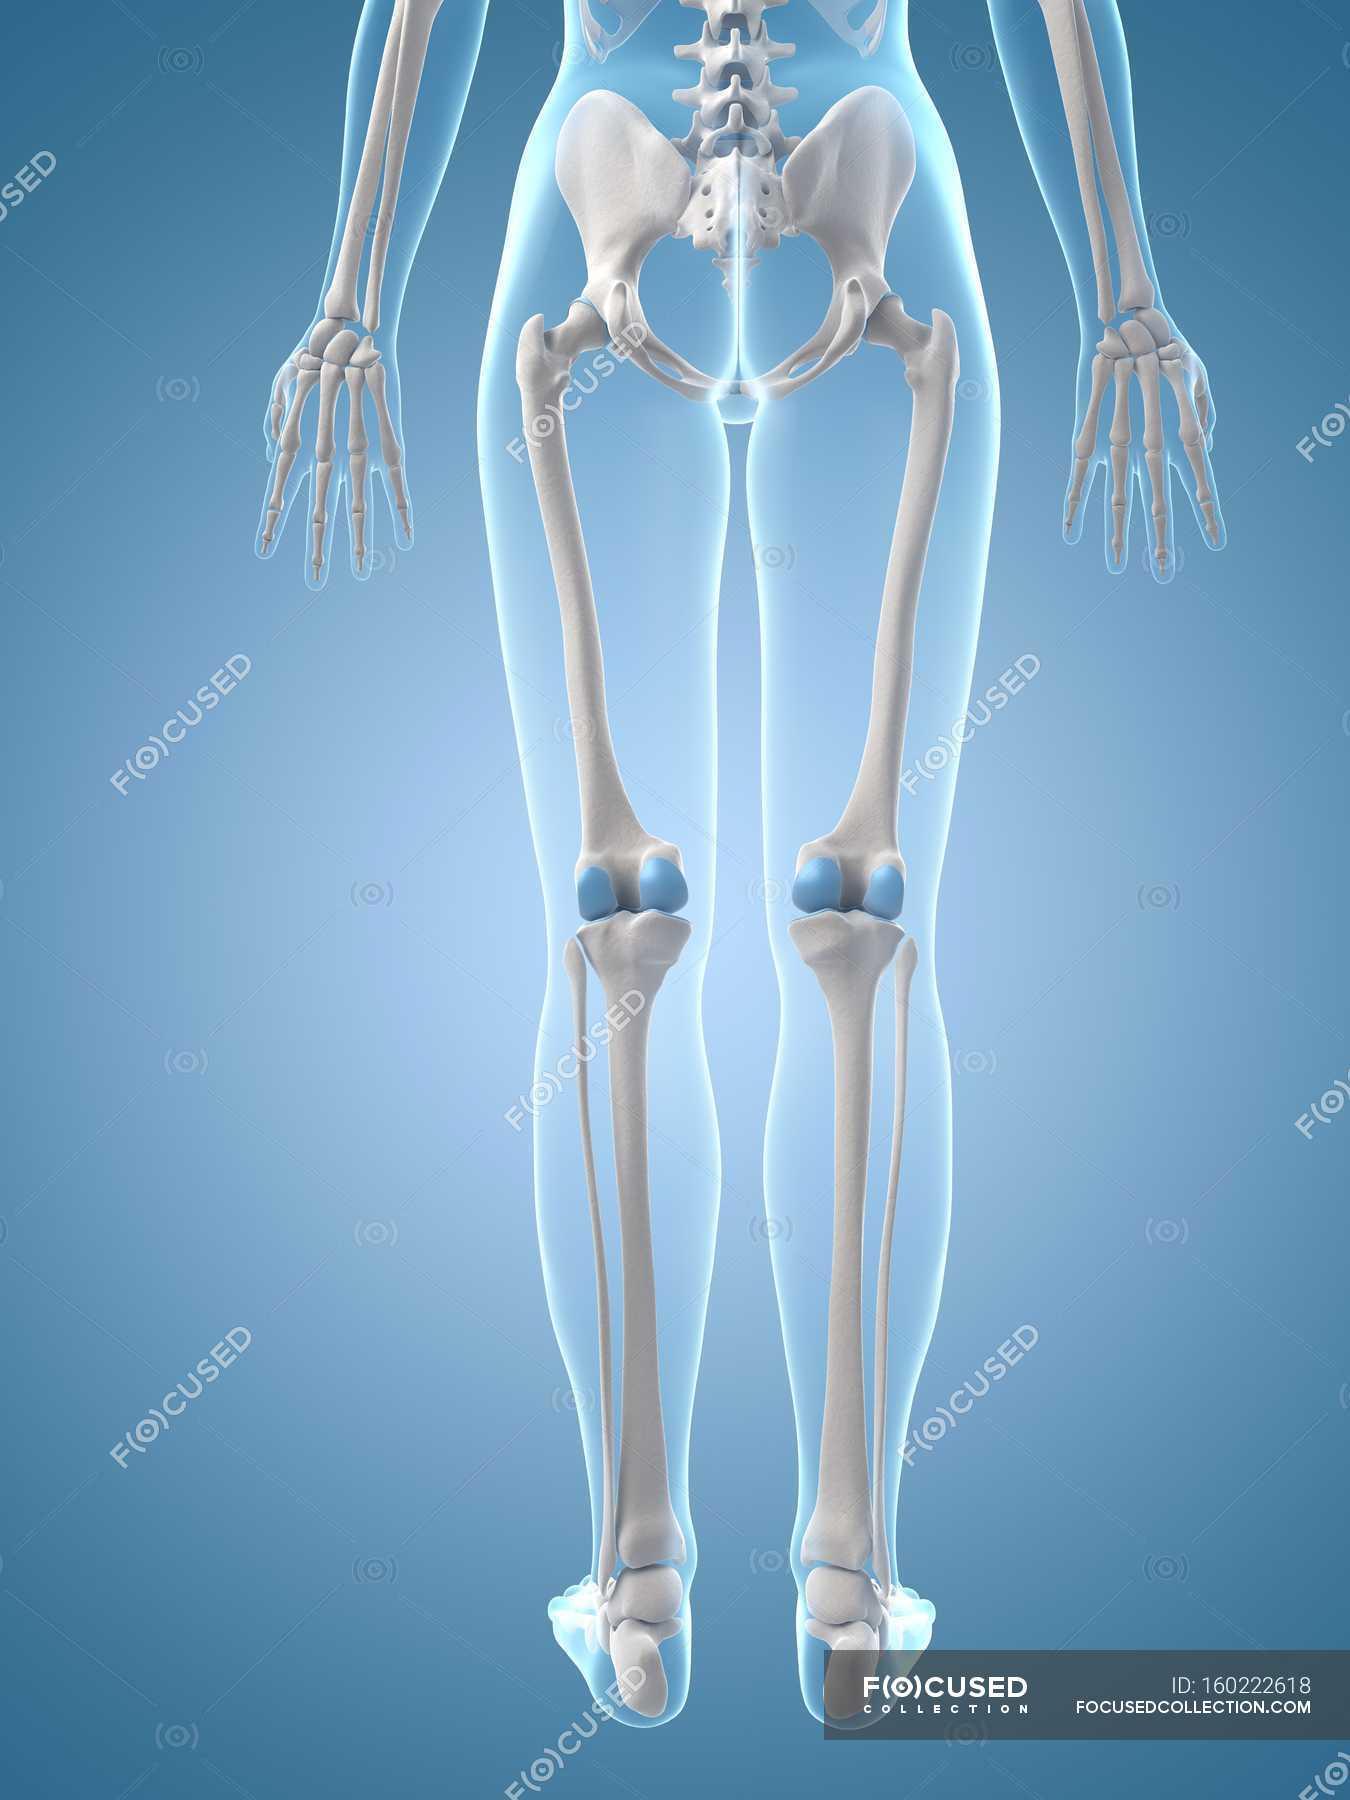 Bein Knochen Anatomie — Stockfoto | #160222618